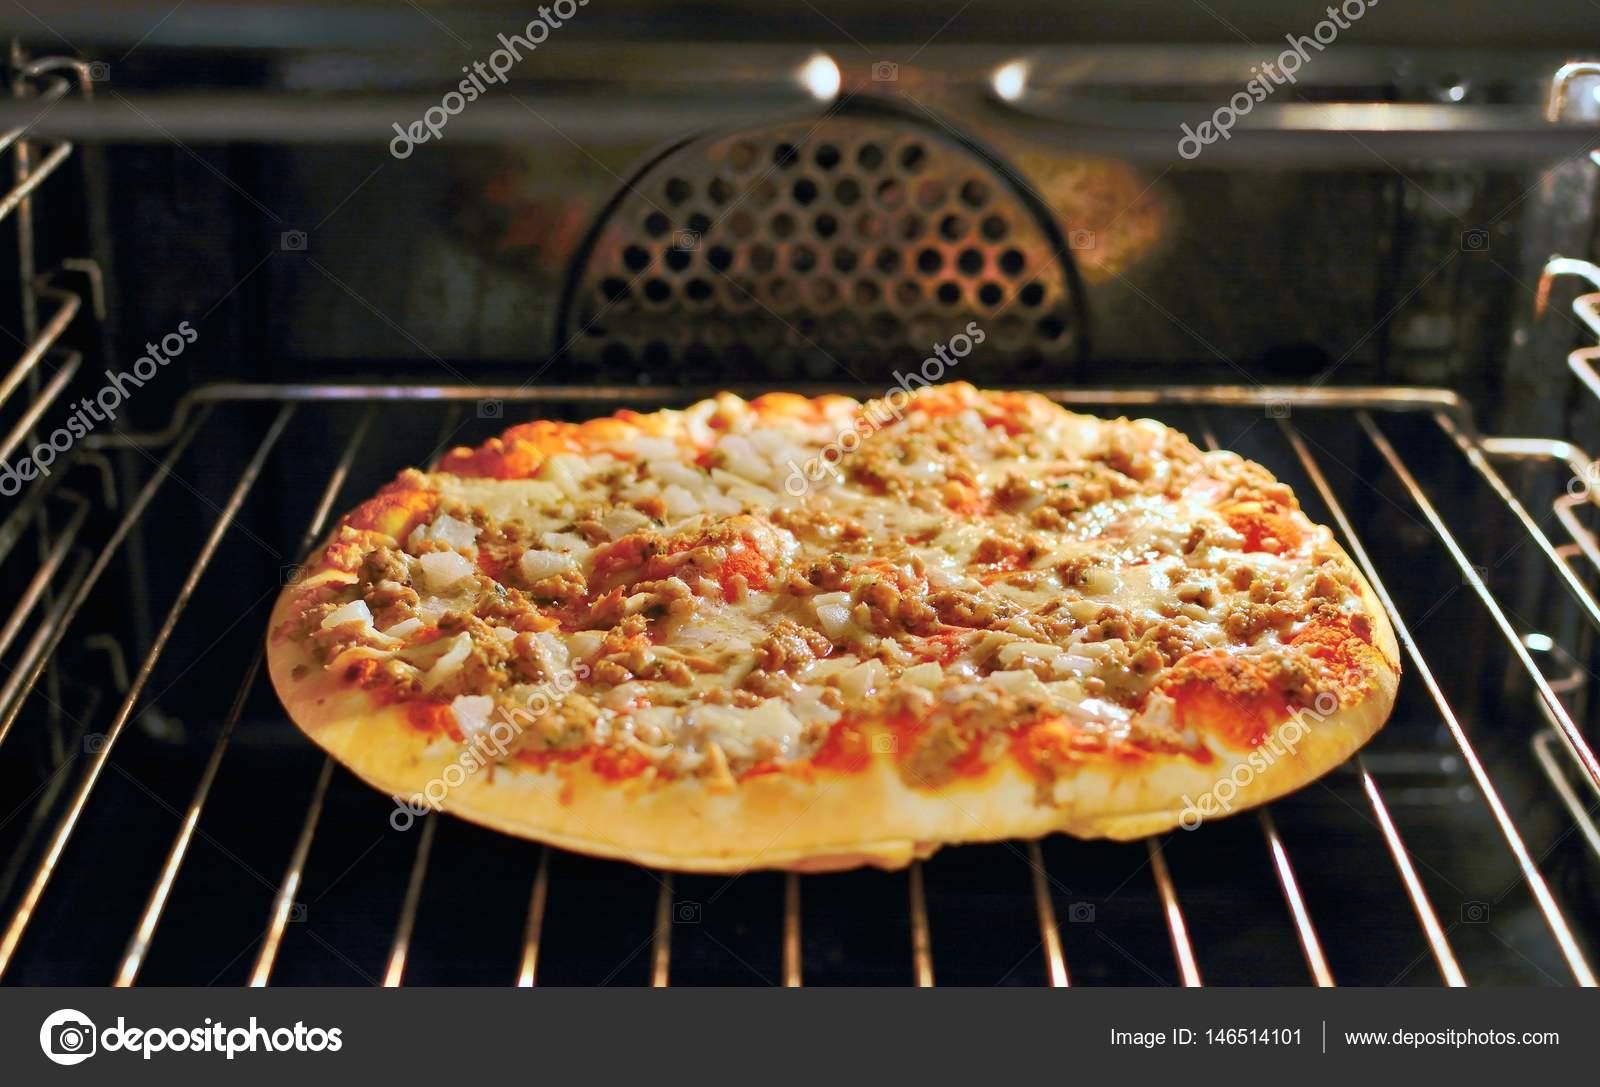 Pizza In De Oven.Pizza A L Interieur Du Four Photographie Hamikus C 146514101